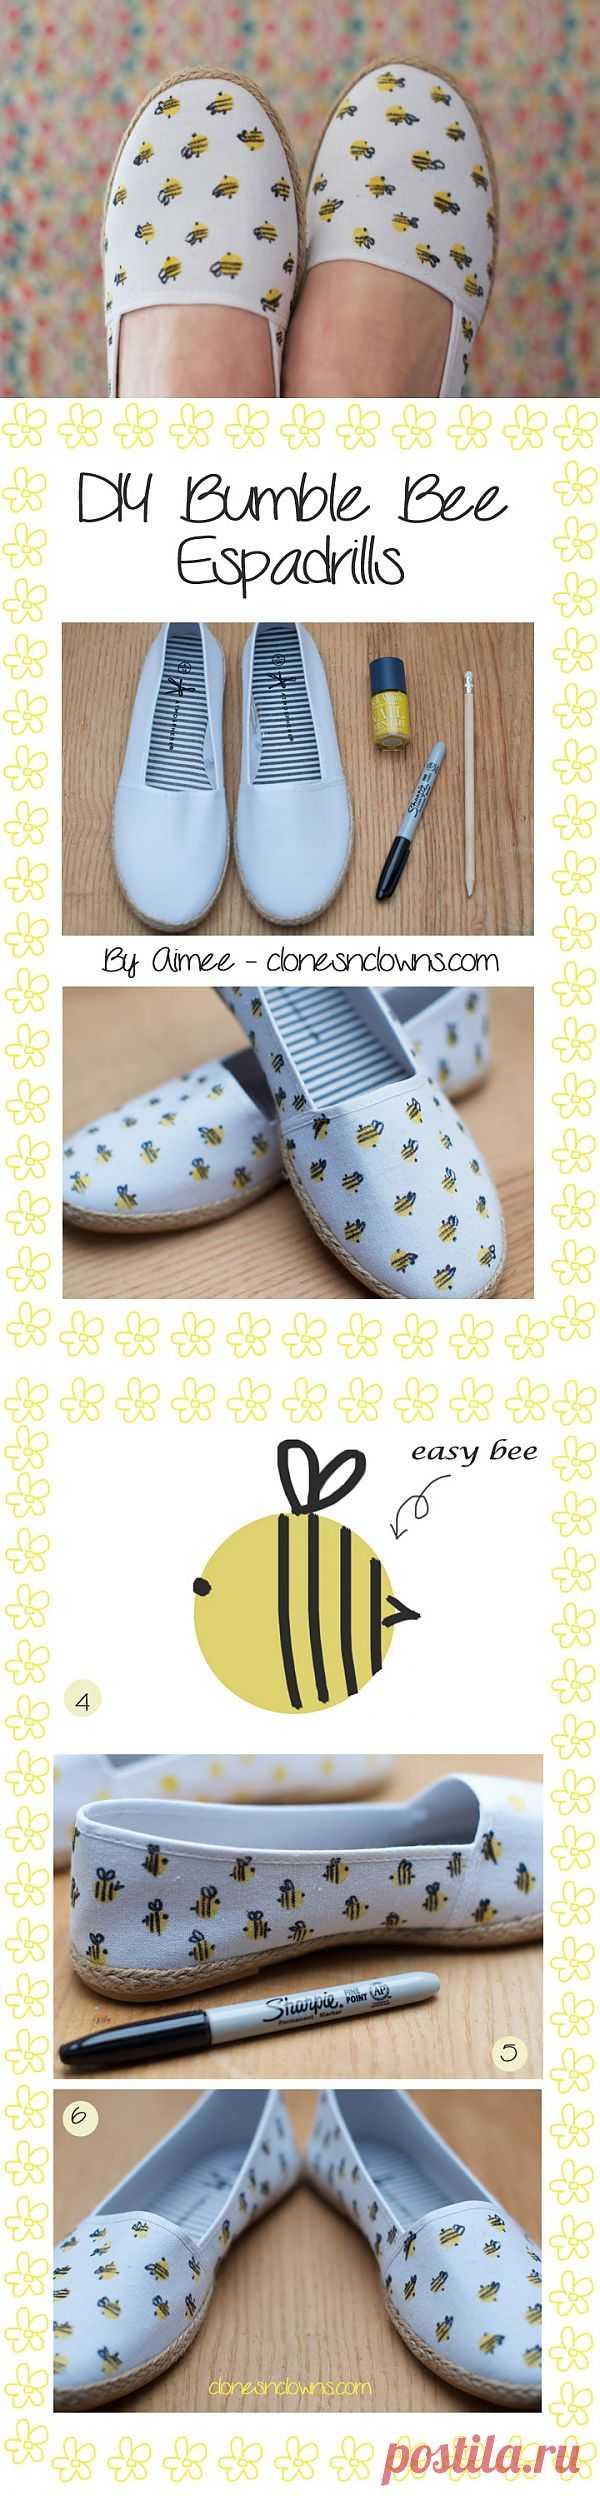 Бжжж-бжжж-бжжжж-бжжжж-бжж-бжж! (Diy) / Обувь / Модный сайт о стильной переделке одежды и интерьера